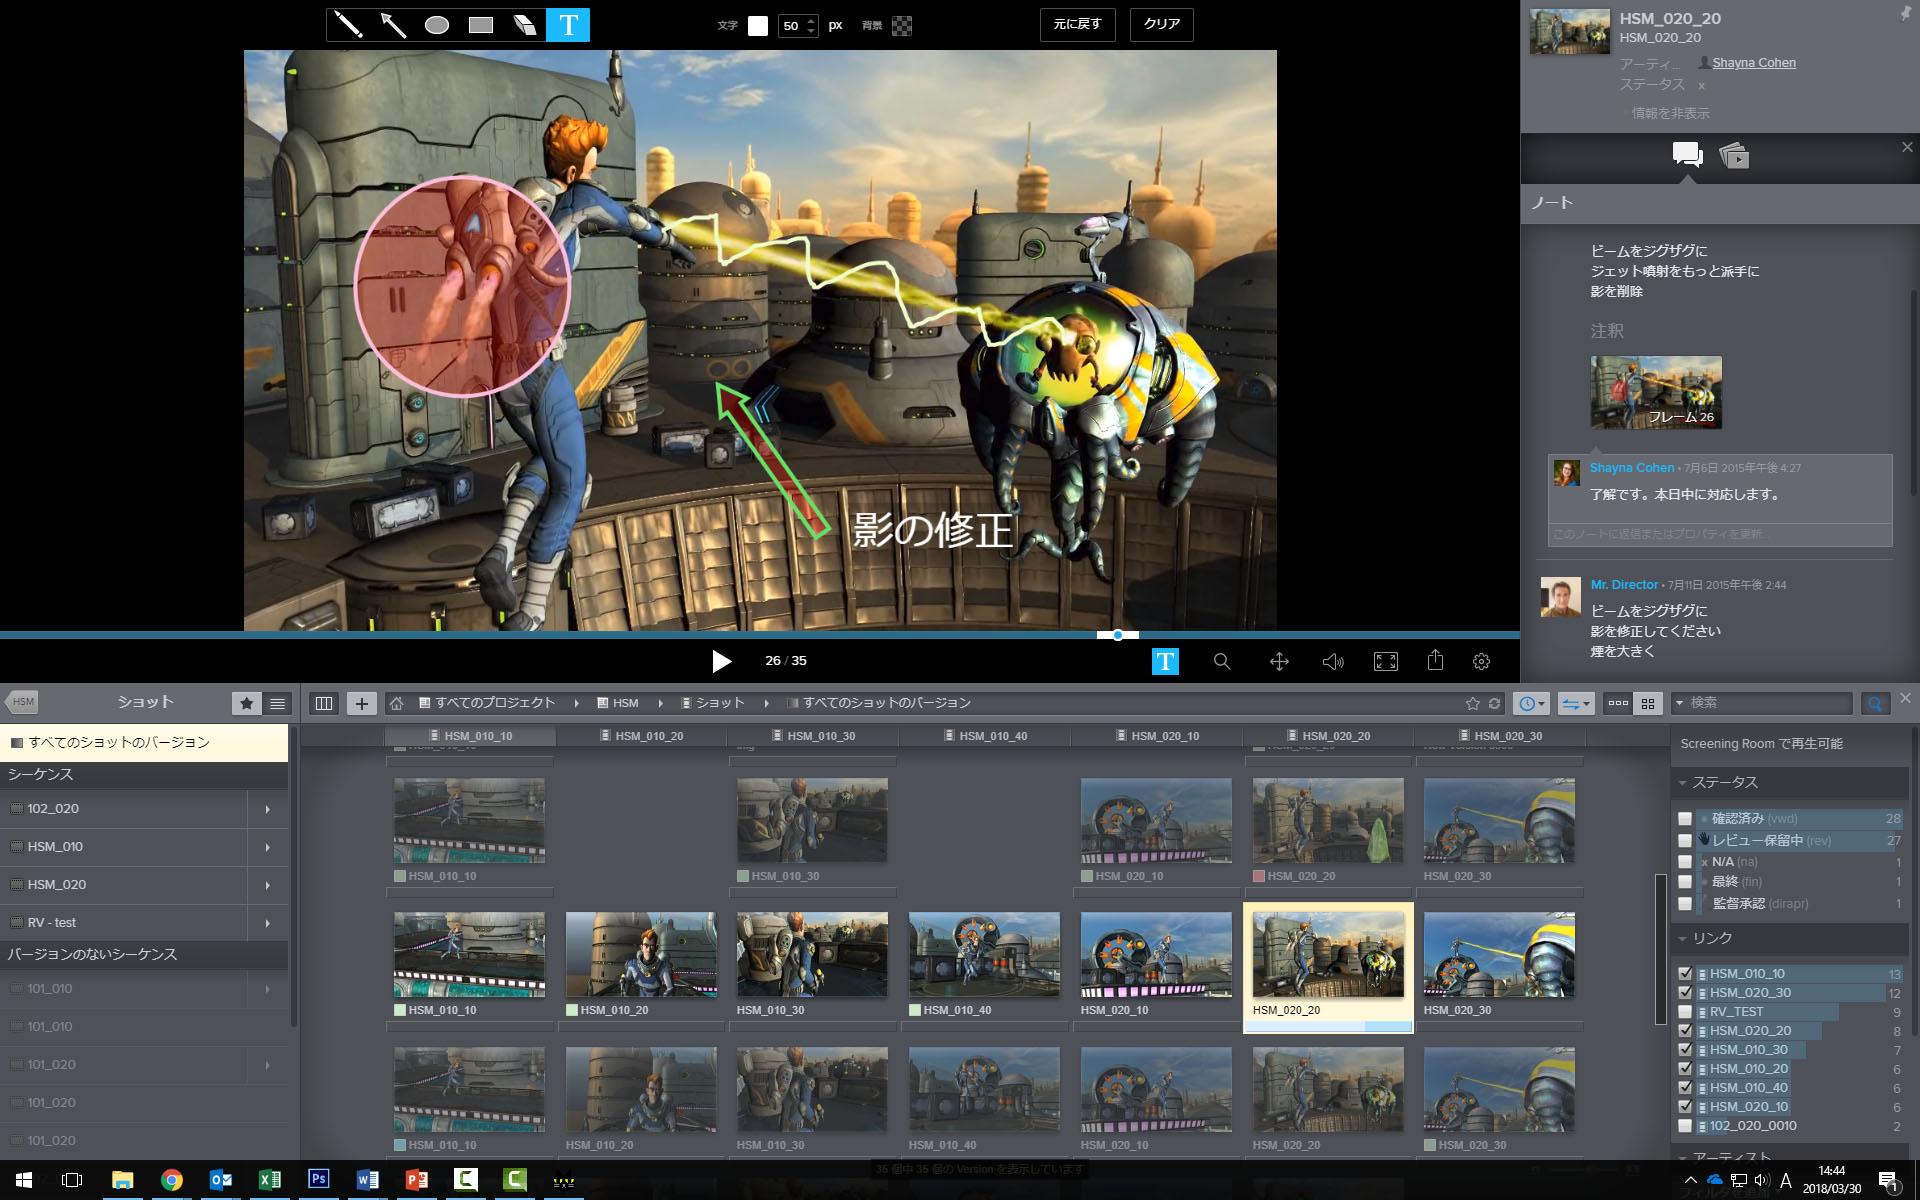 cg 映像 ゲーム業界向けにプロジェクト アセット管理 レビュー機能が